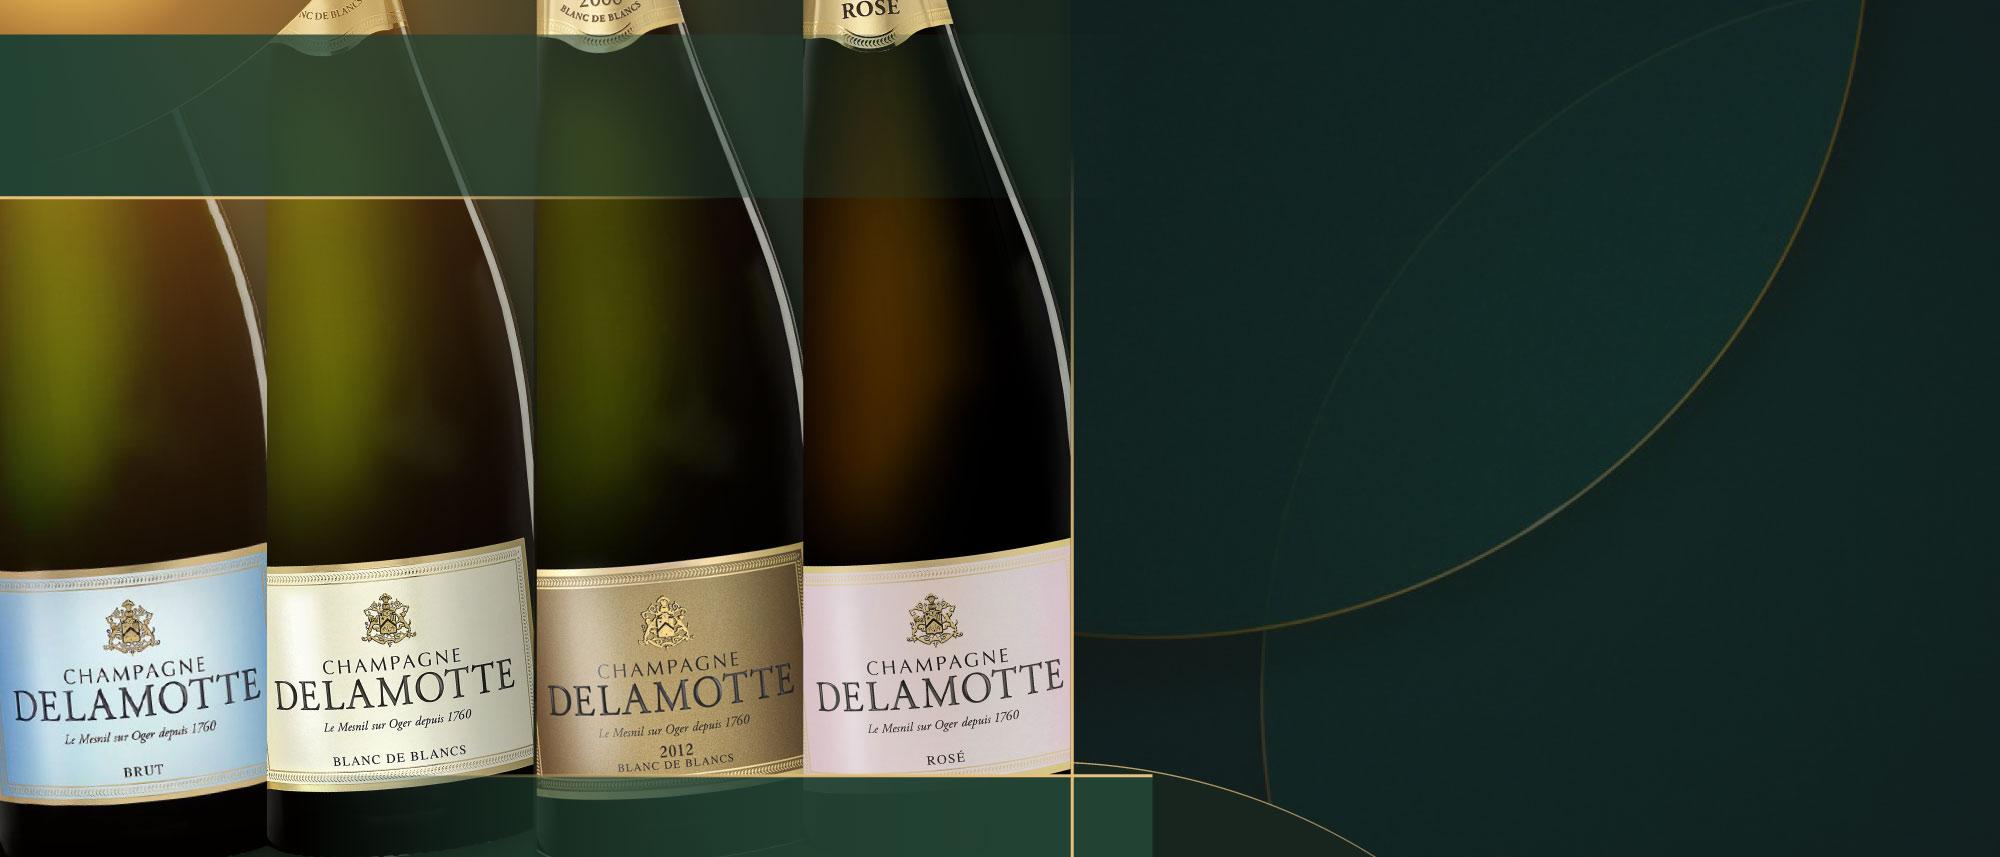 黛拉夢香檳 Champagne Delamotte